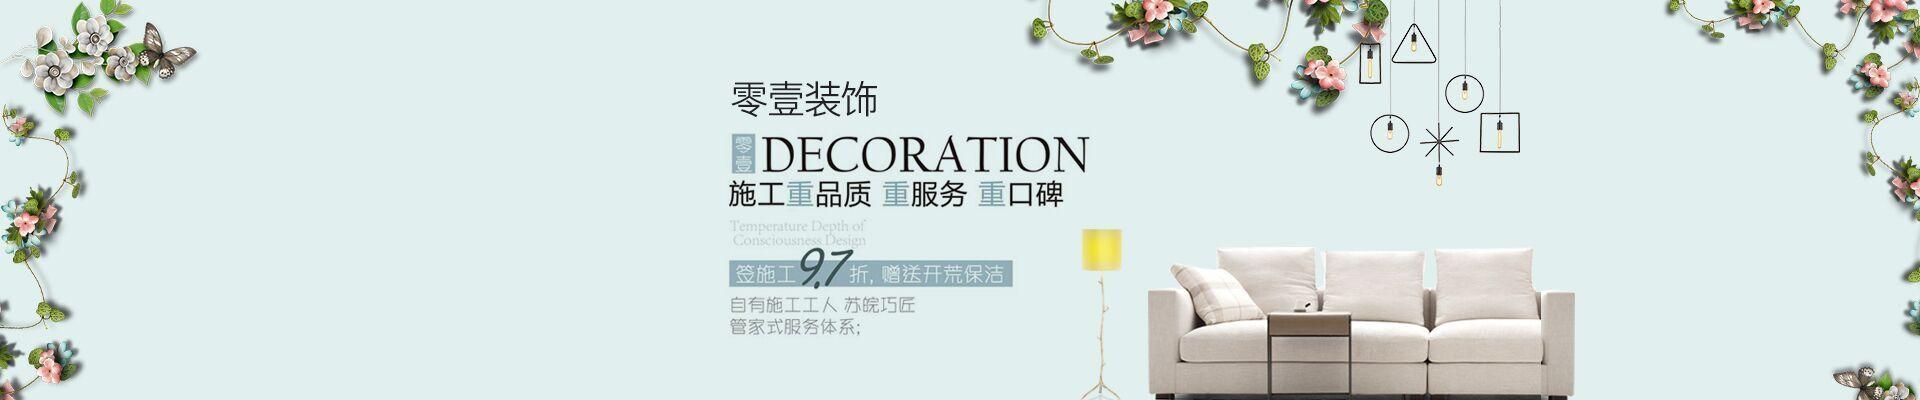 北京零壹装饰工程有限公司阜阳分公司